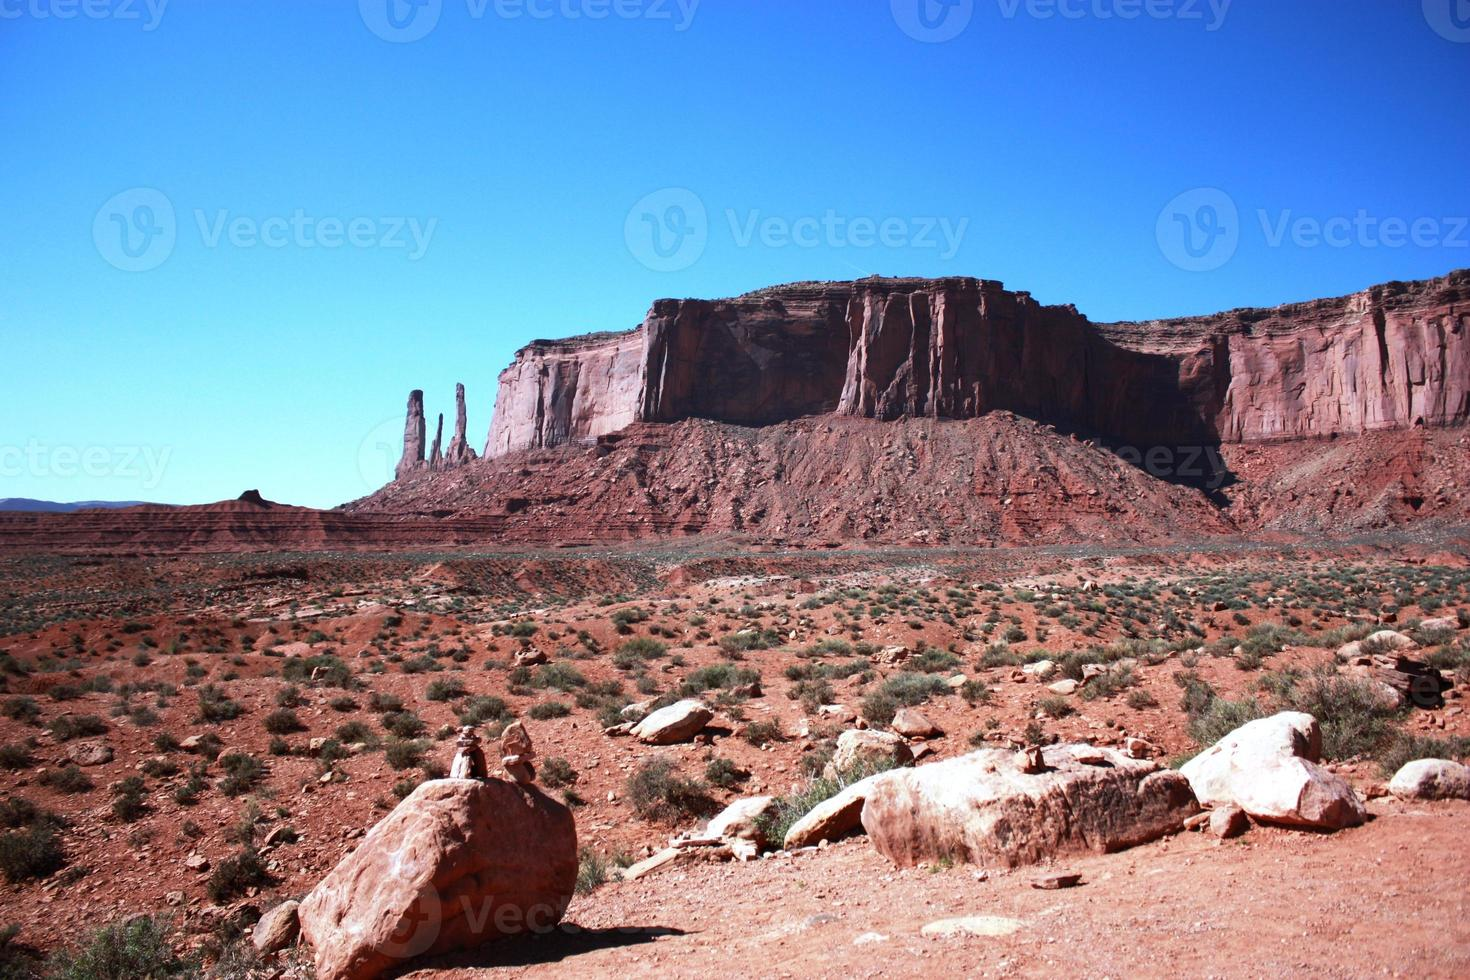 Vista a tres hermanas en el parque tribal del valle del monumento navajo foto